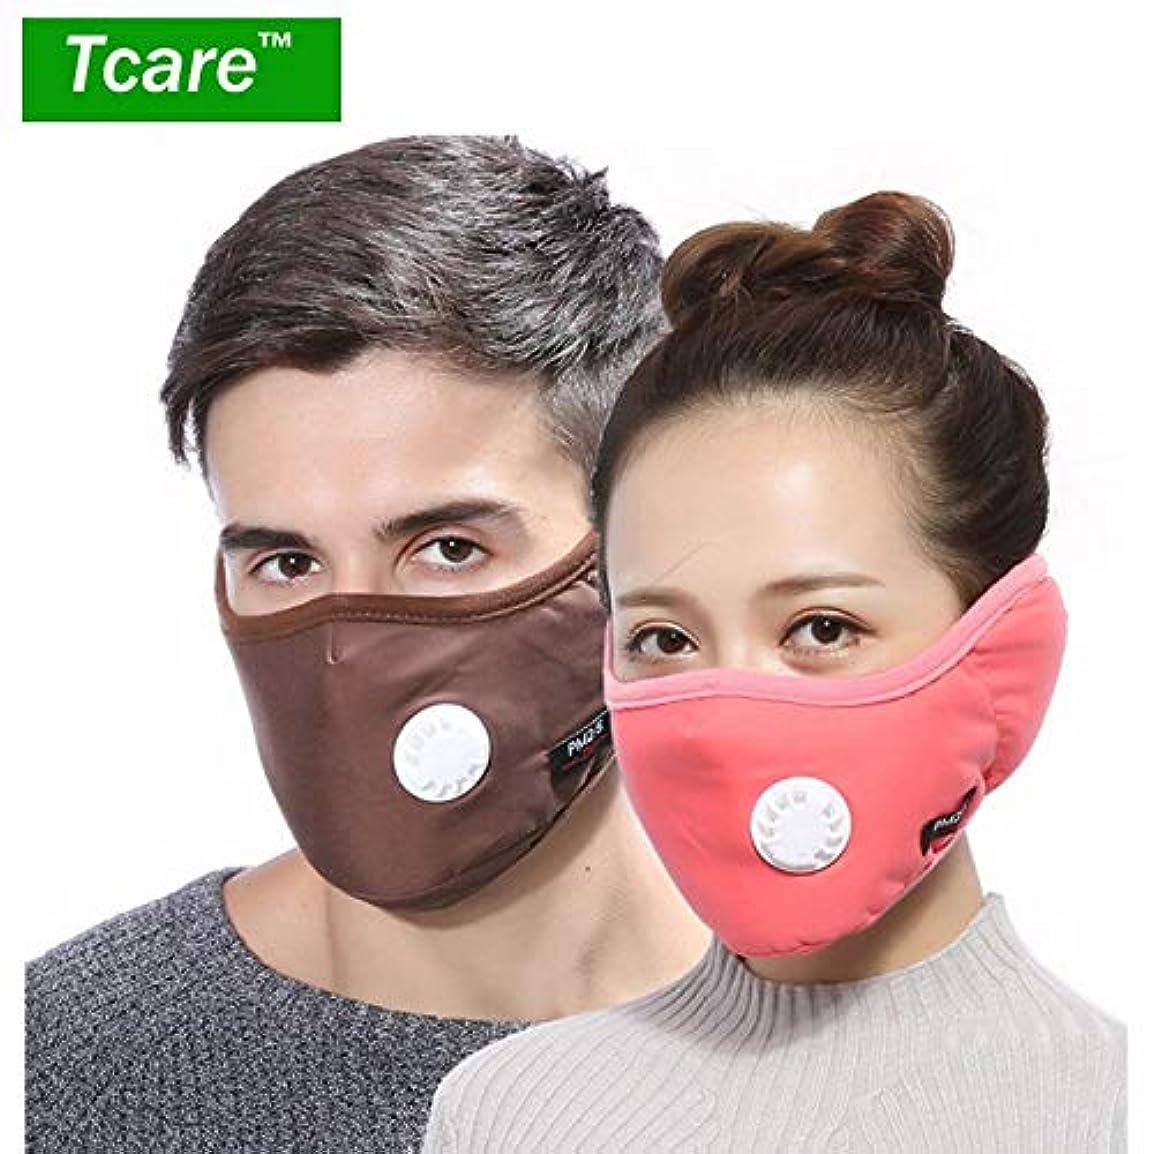 思い出させるスピーチ天文学7グレー:1 PM2.5マスクバルブコットンアンチダスト口マスクの冬のイヤーマフActtedフィルター付マスクでTcare 2